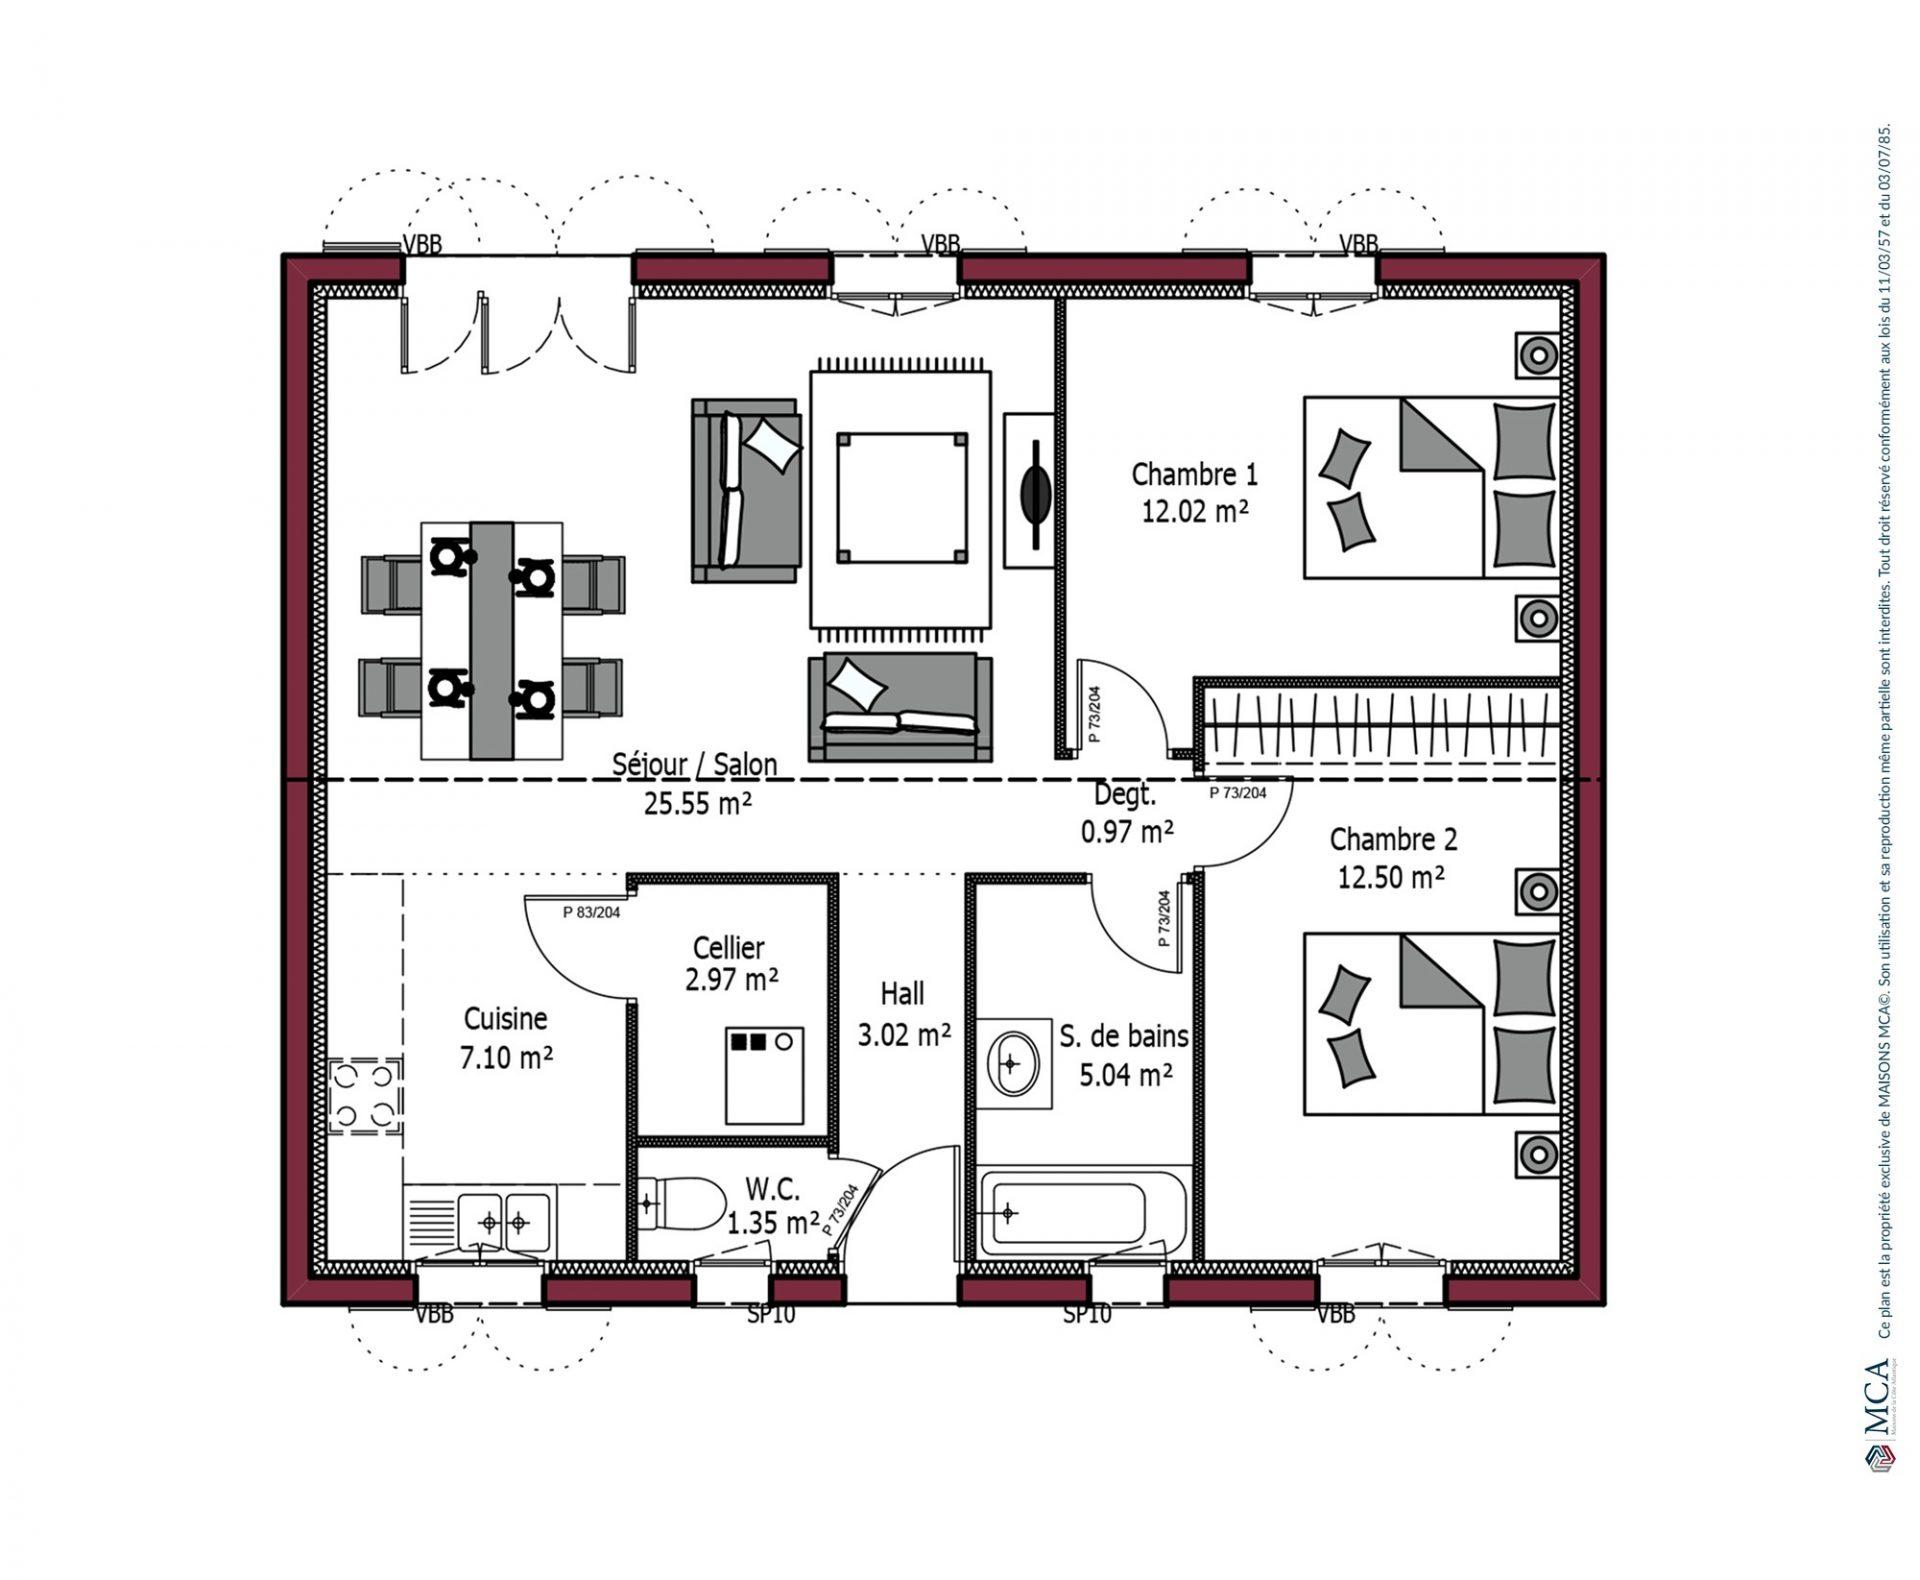 Modele De Maison Rivage 70 M 2 Chambres Maisons Mca